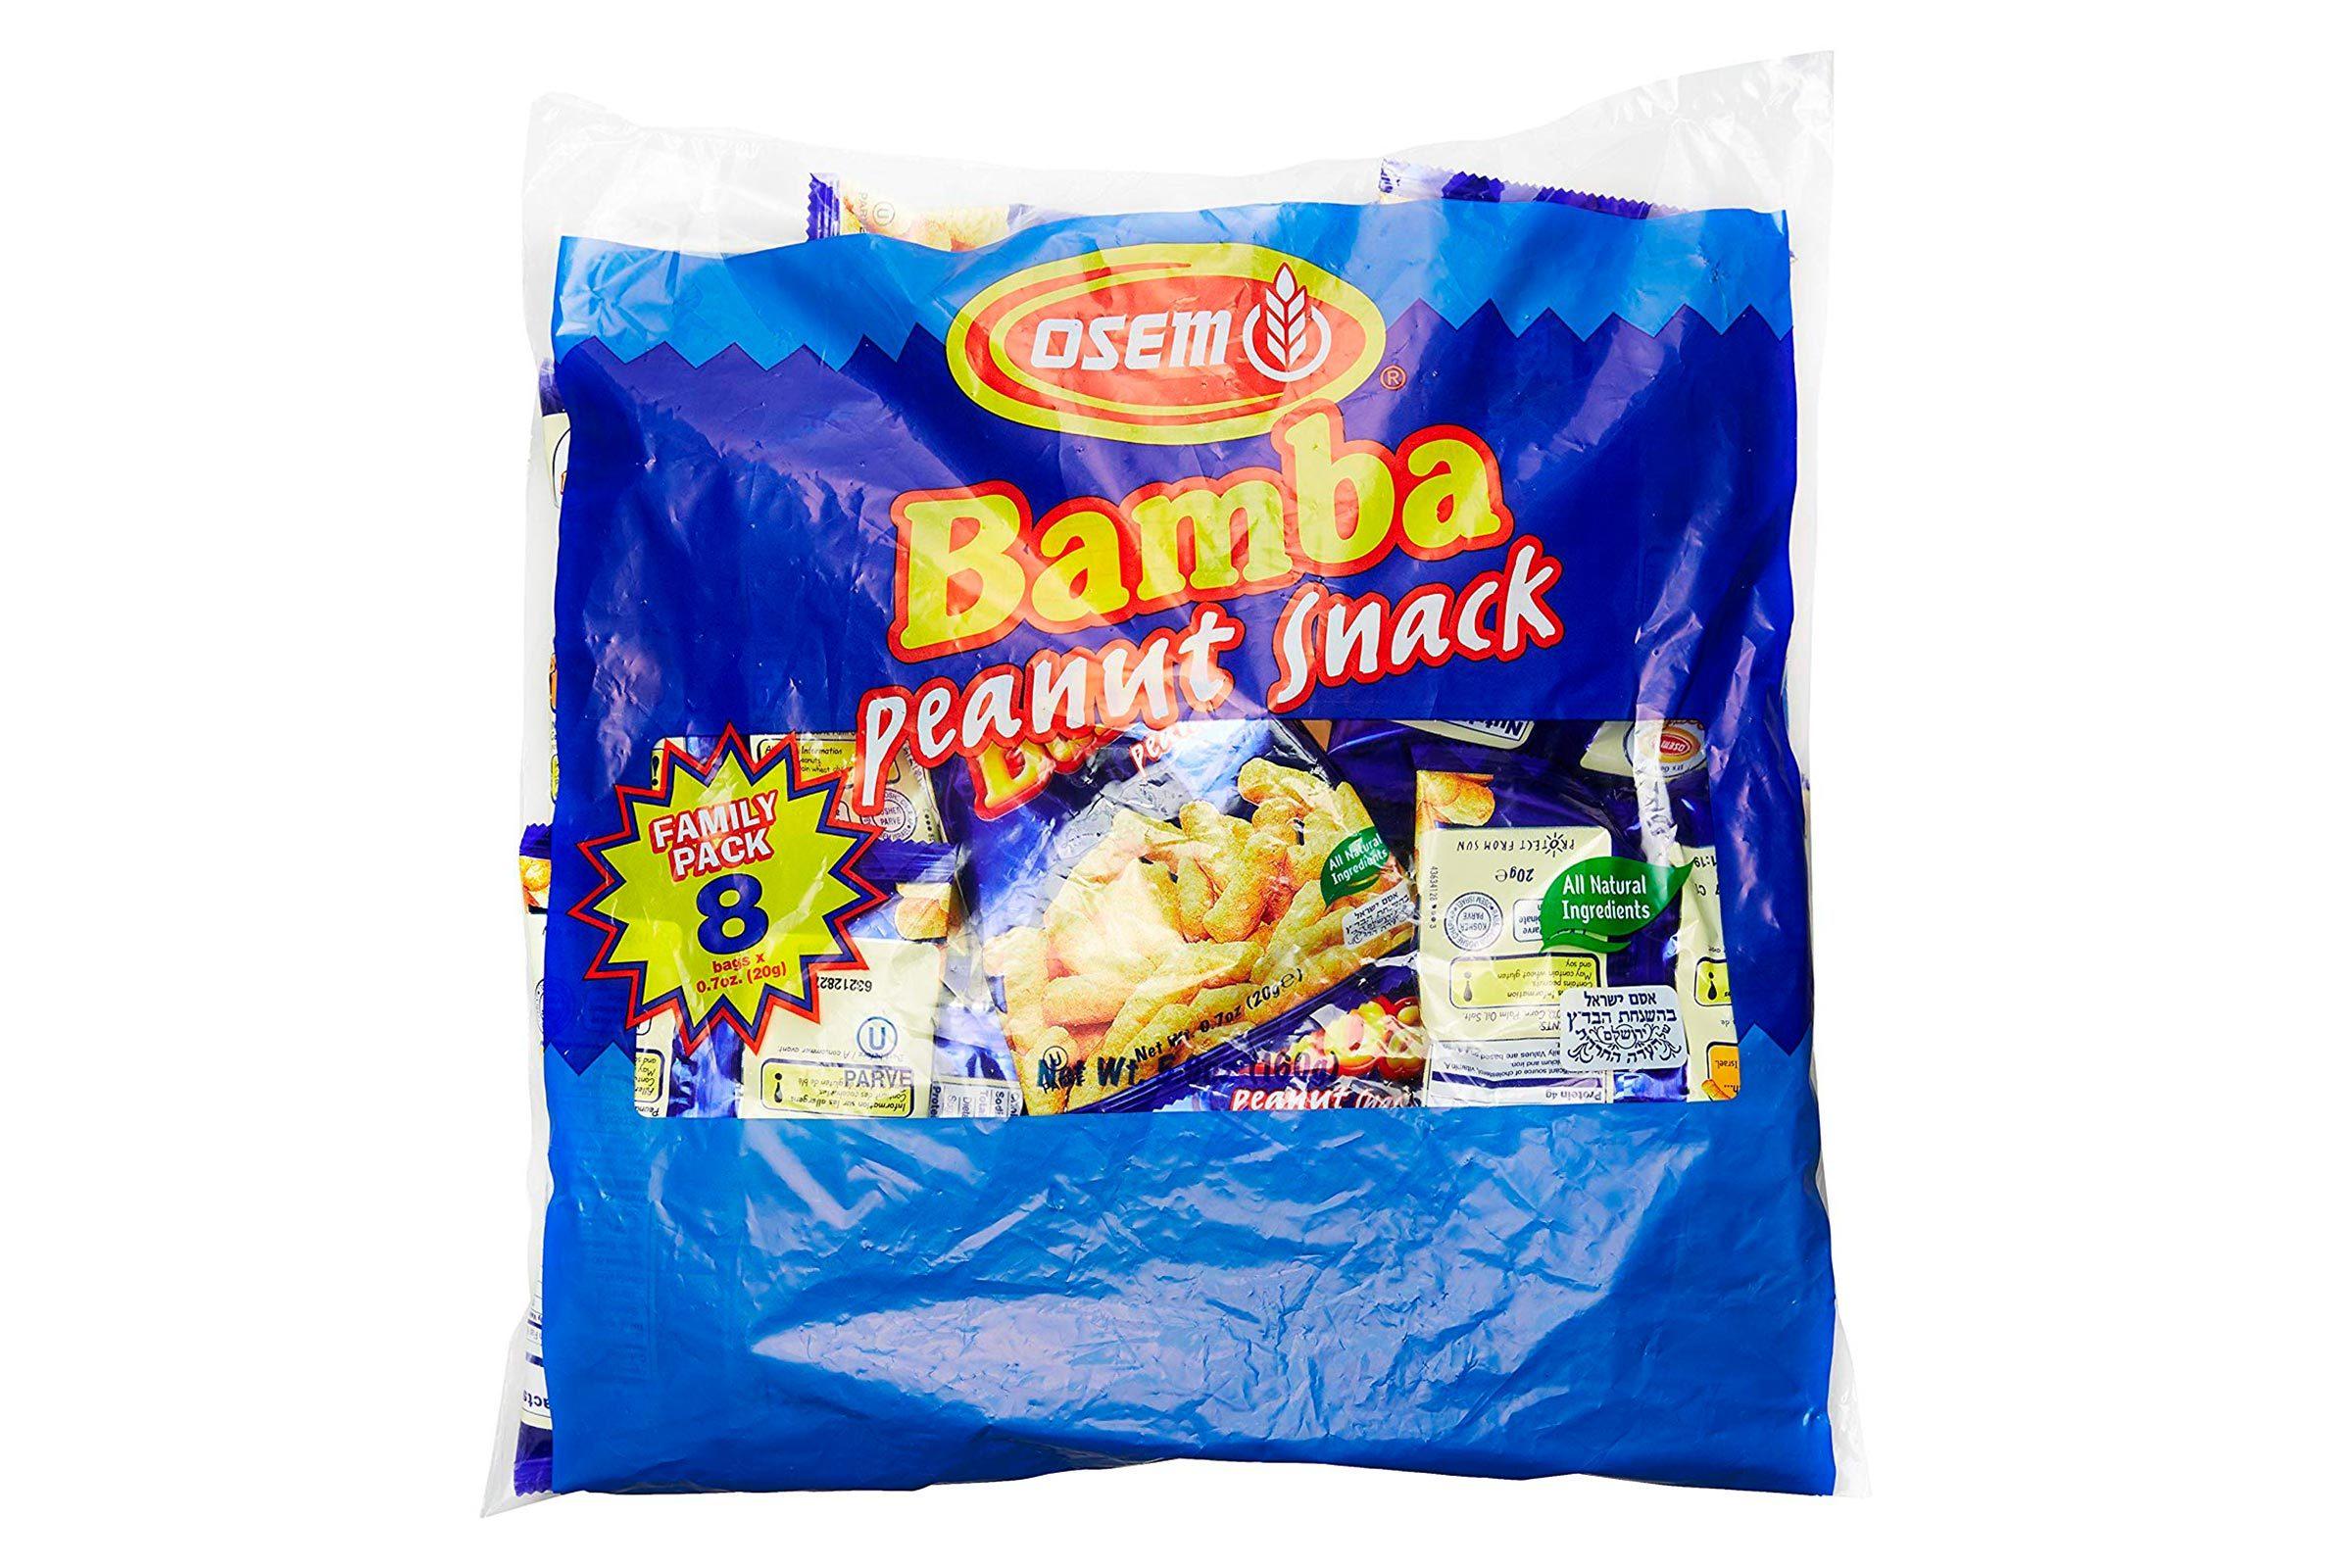 Bamba peanut snacks